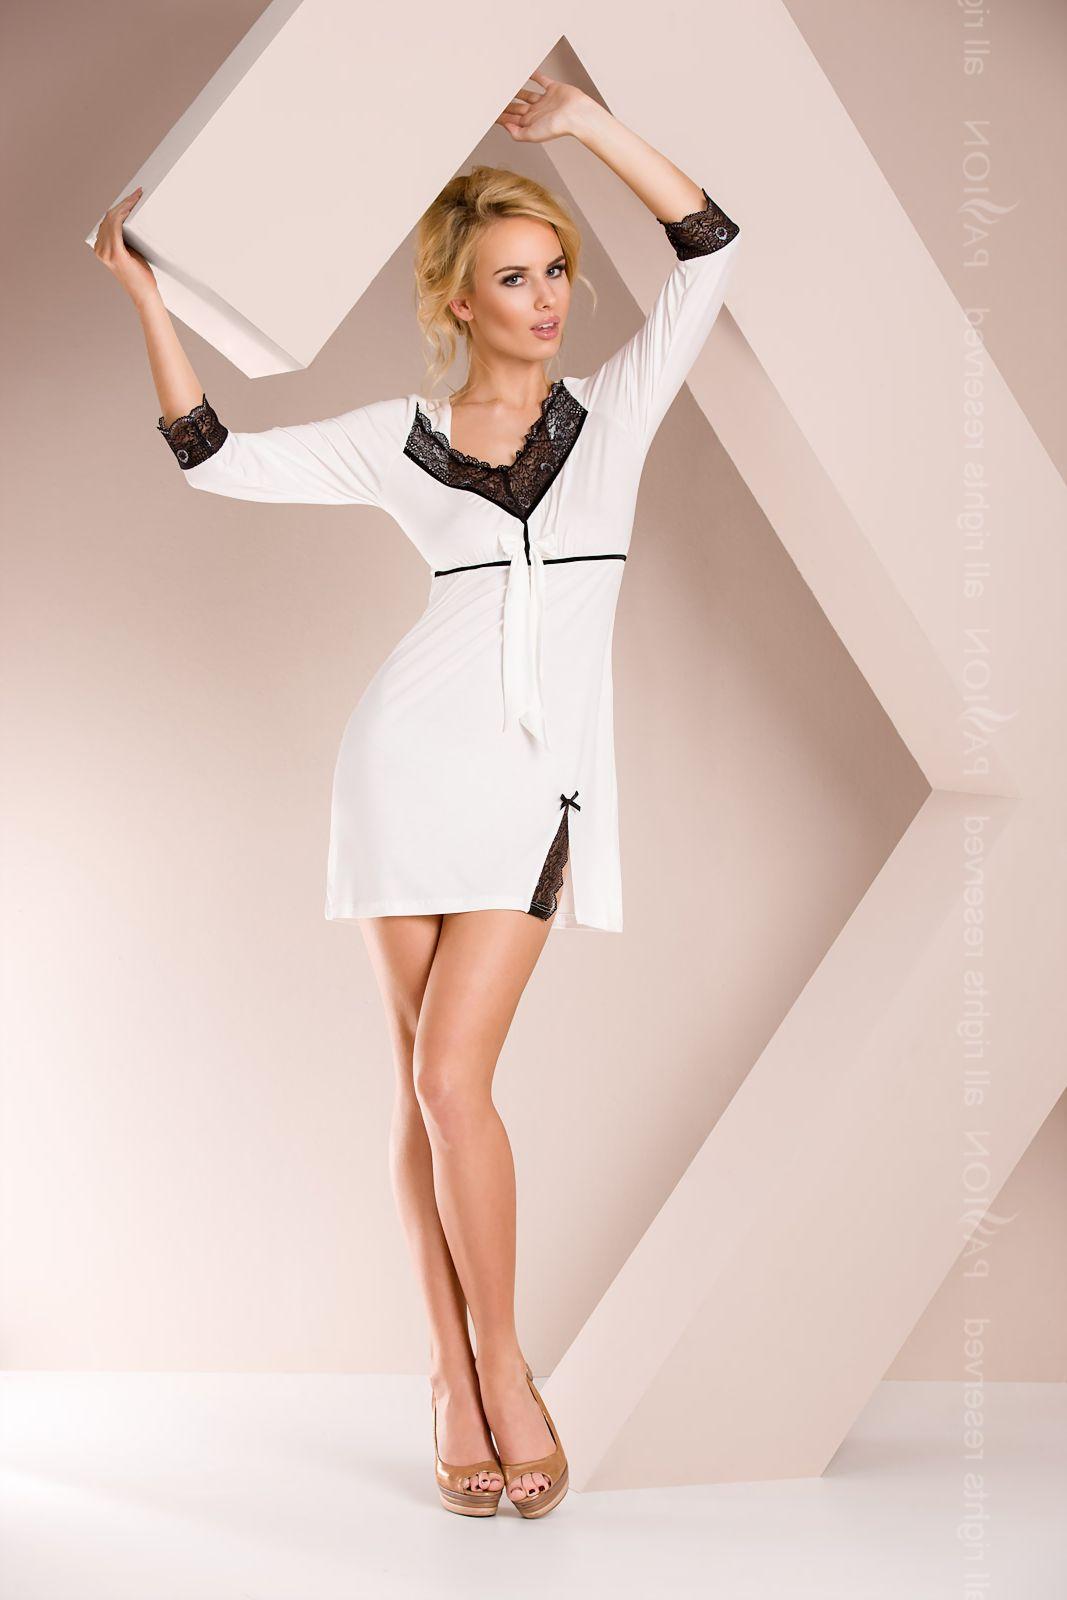 Купить Пижама-платье White в Алматы, Казахстан.